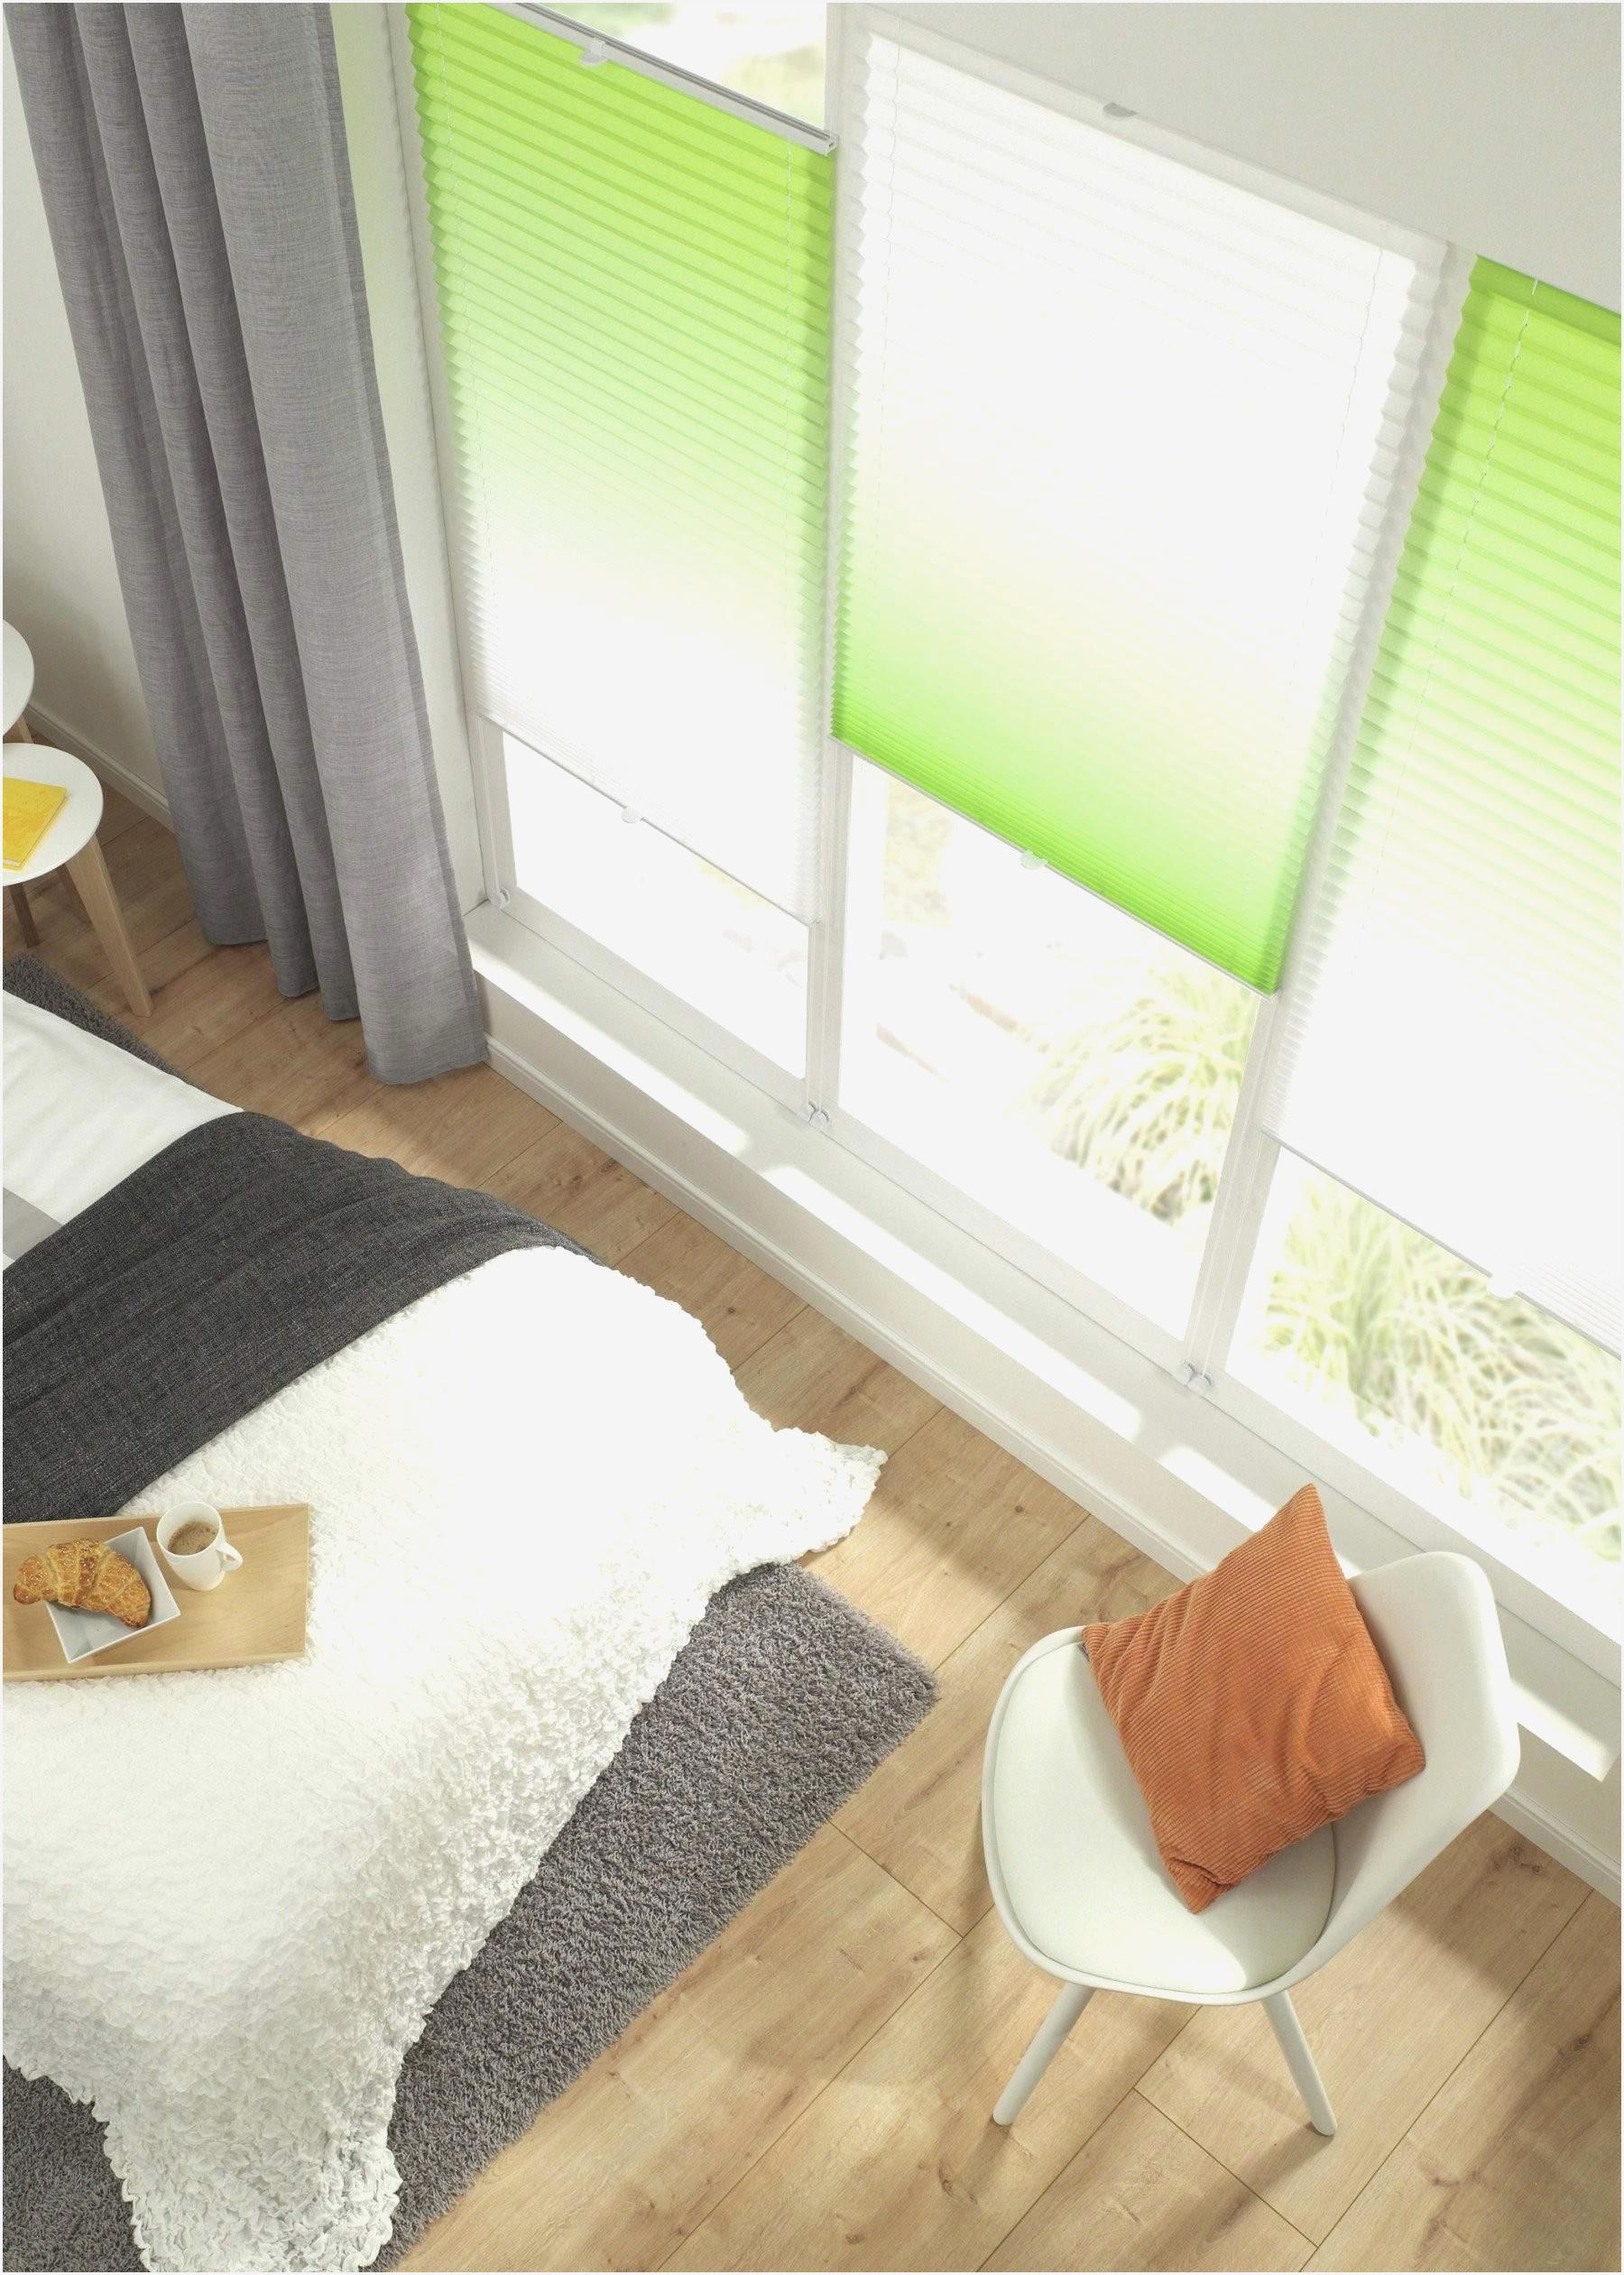 Full Size of Fensterfolie Fr Wohnzimmer Traumhaus Dekoration Wohnzimmer Fensterfolie Blickdicht